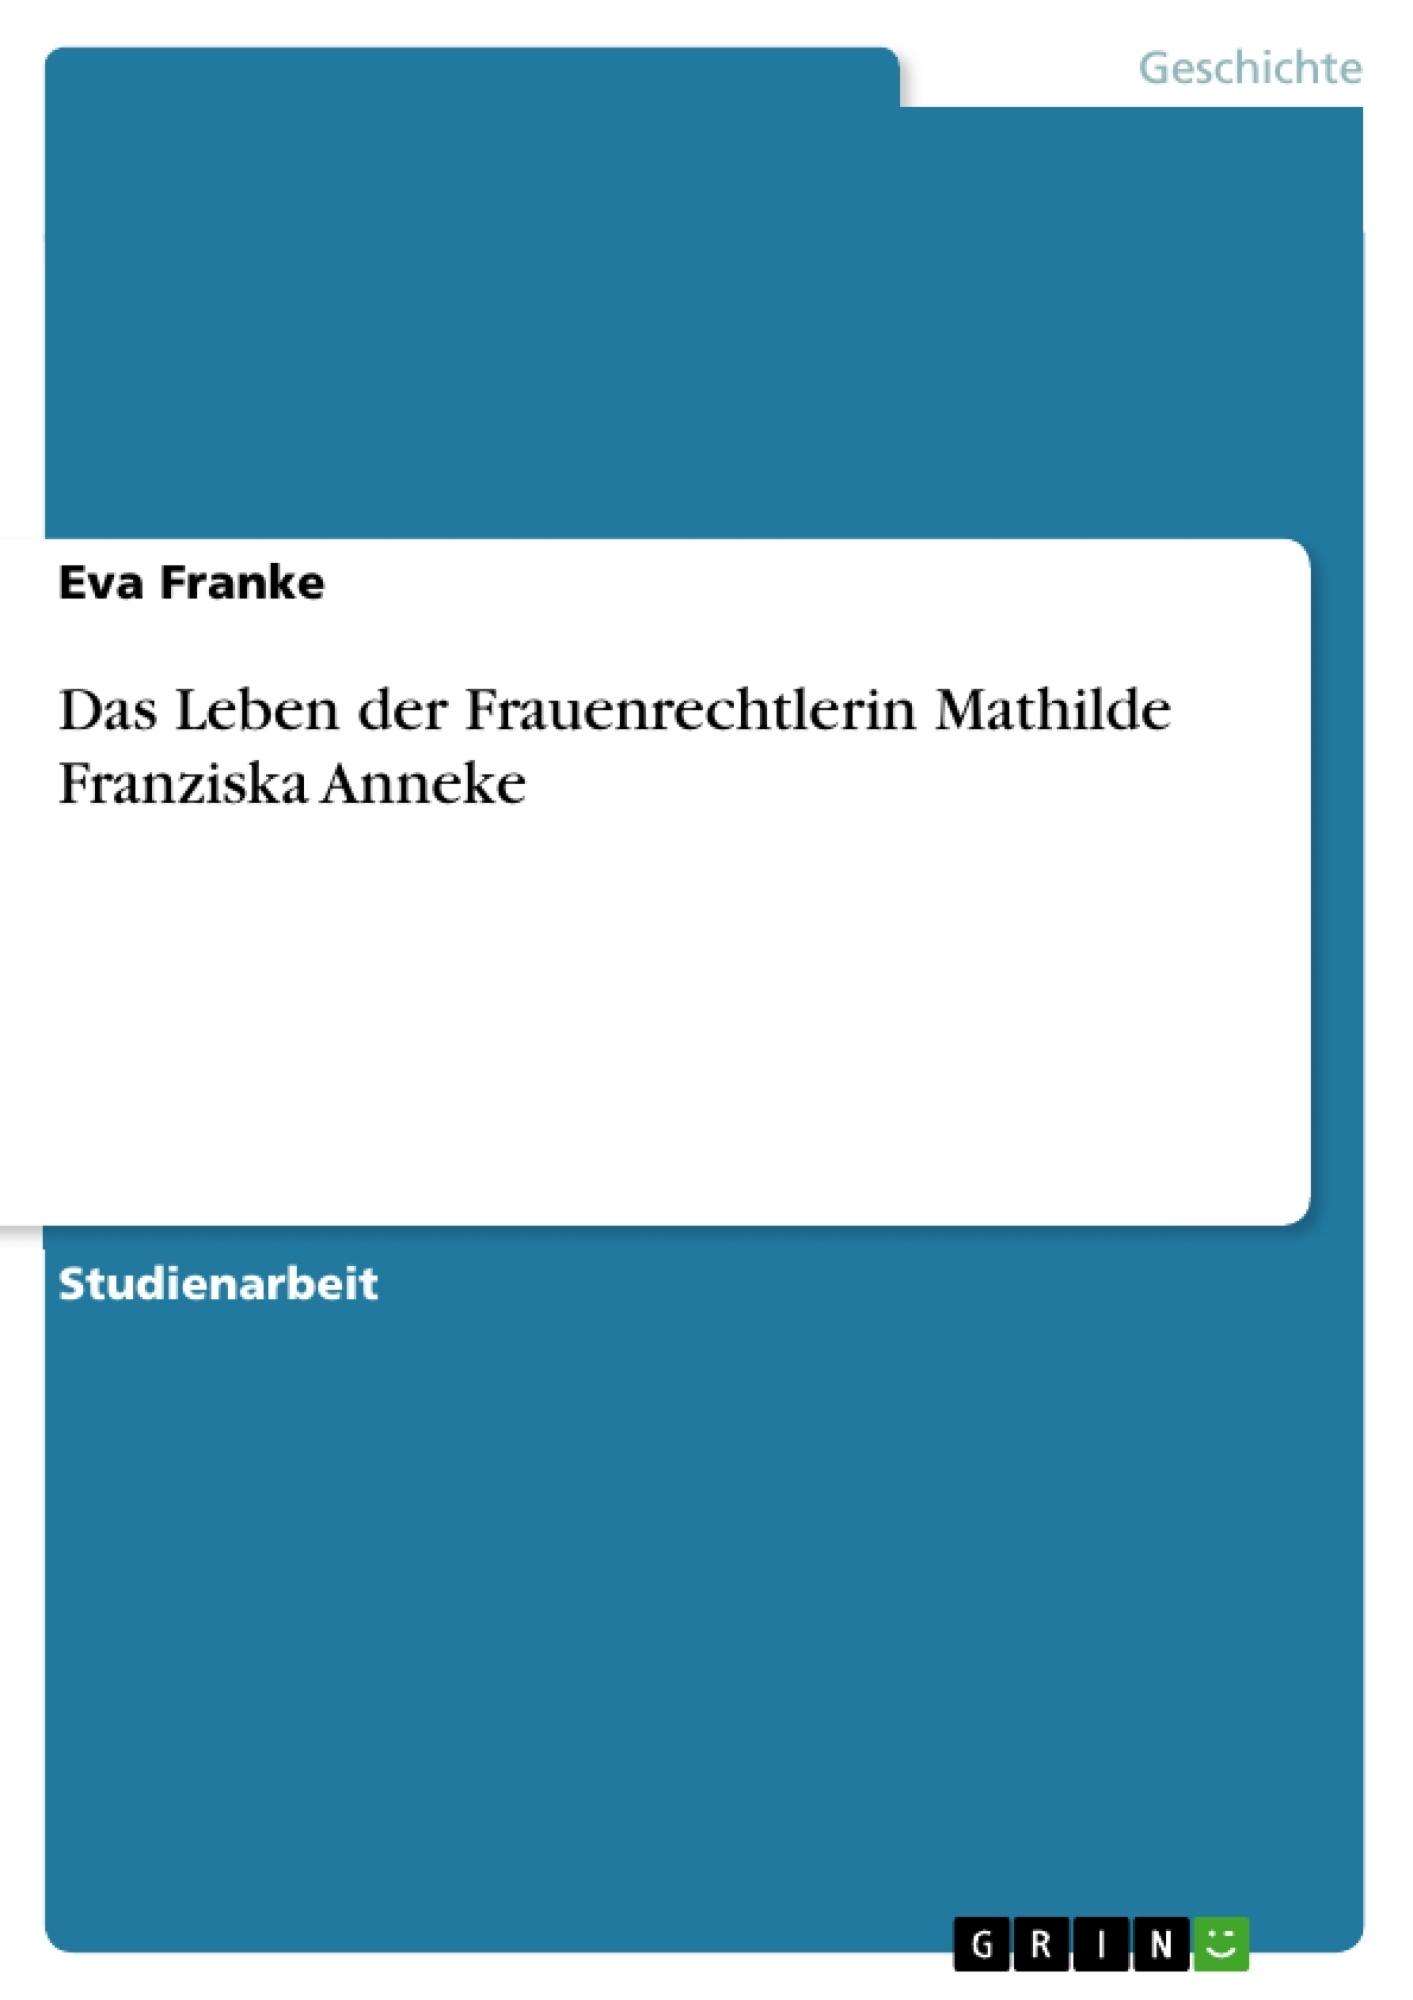 Titel: Das Leben der Frauenrechtlerin Mathilde Franziska Anneke